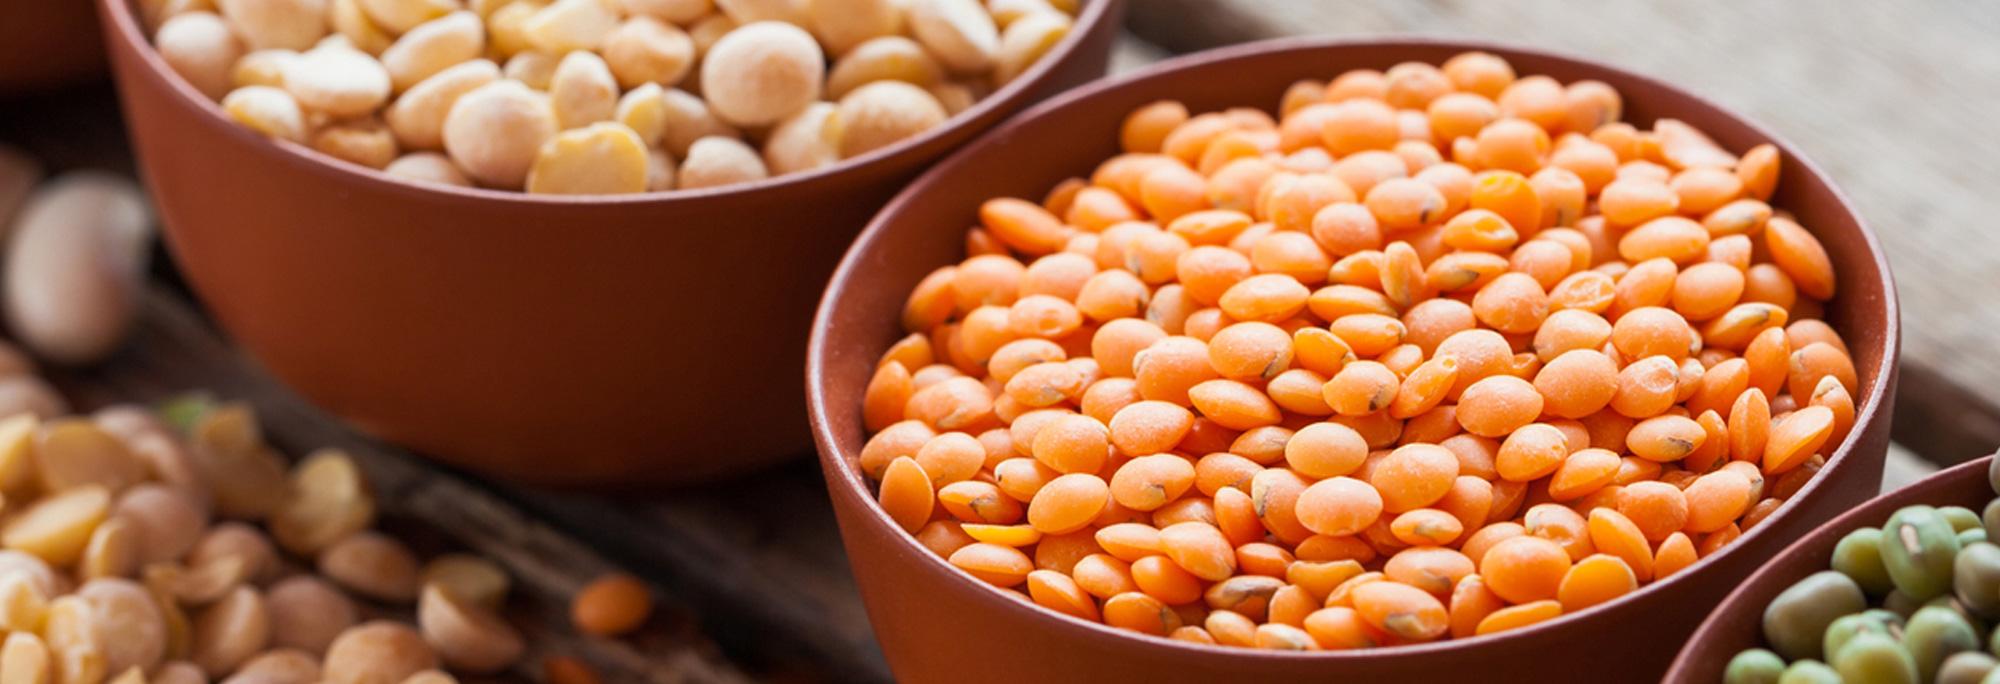 Чечевица – состав, калорийность, полезные свойства и вред